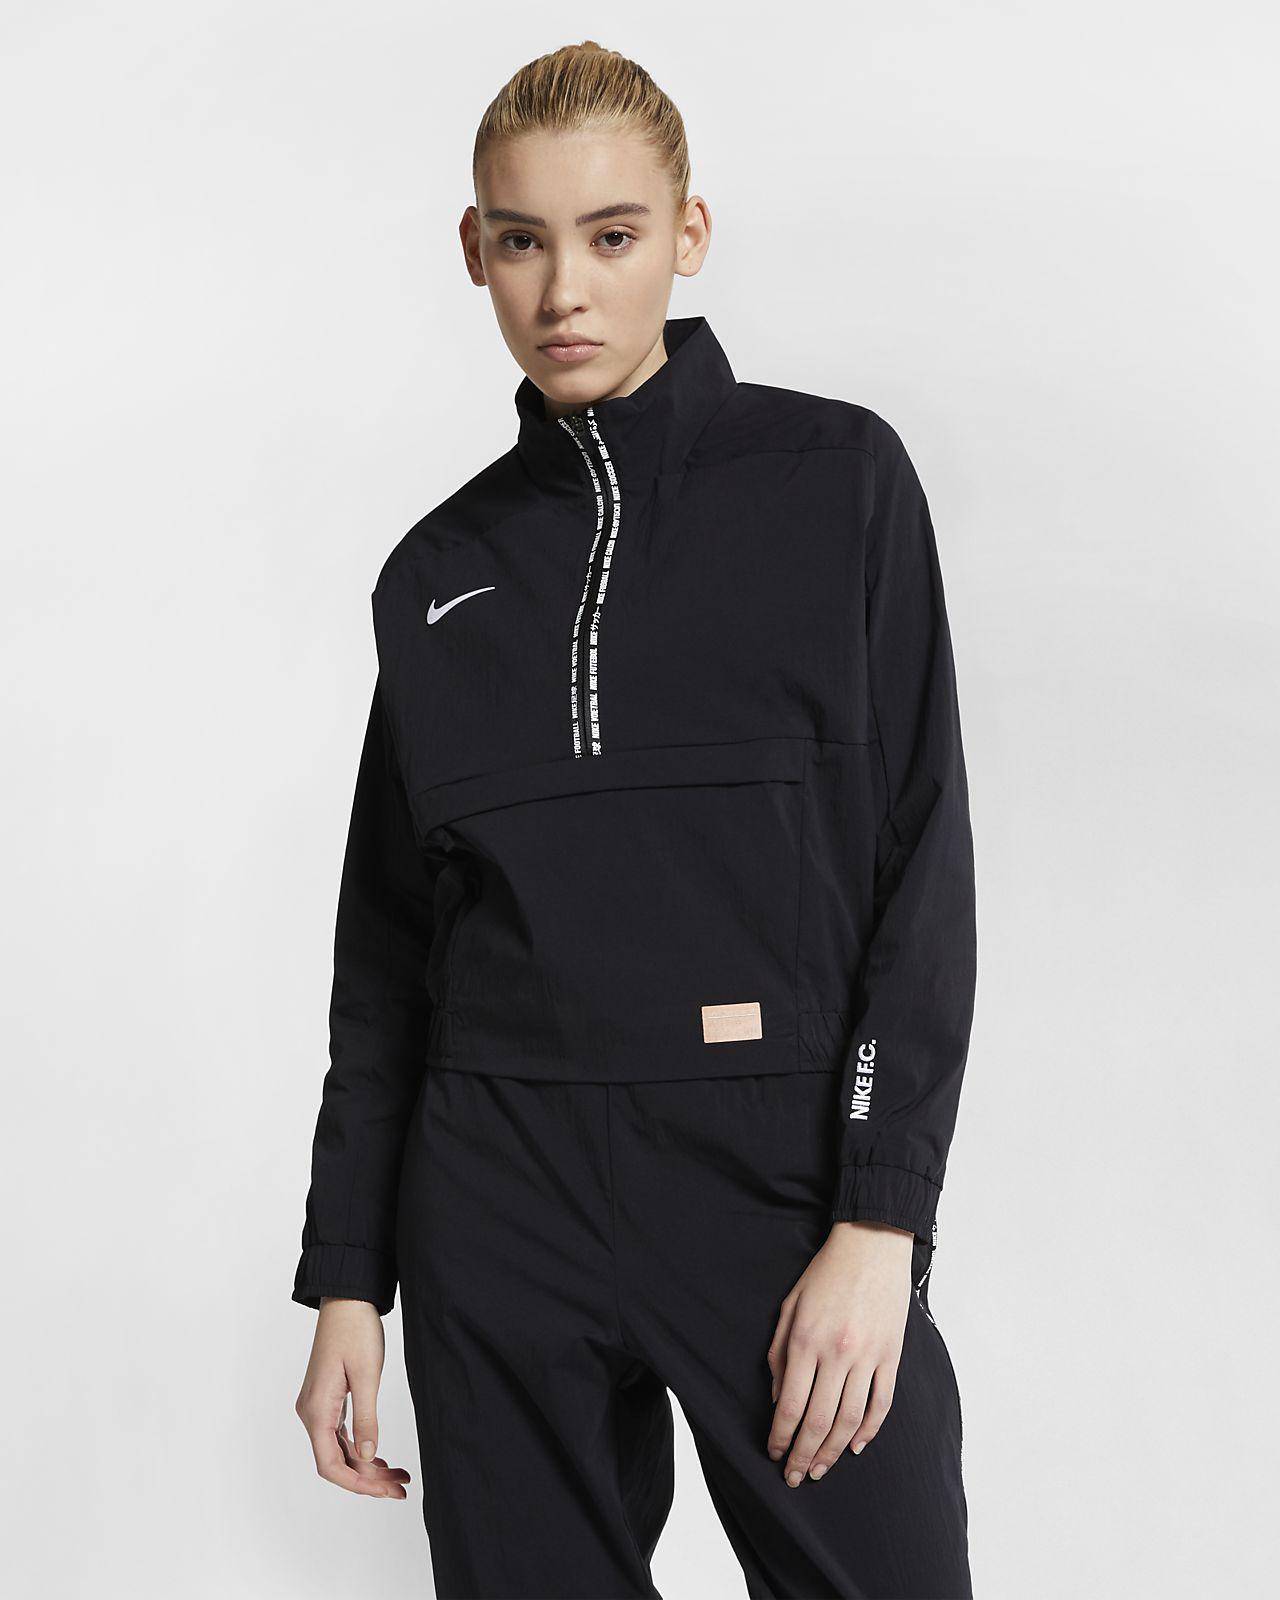 Nike F.C. Langarm-Fußballoberteil für Damen